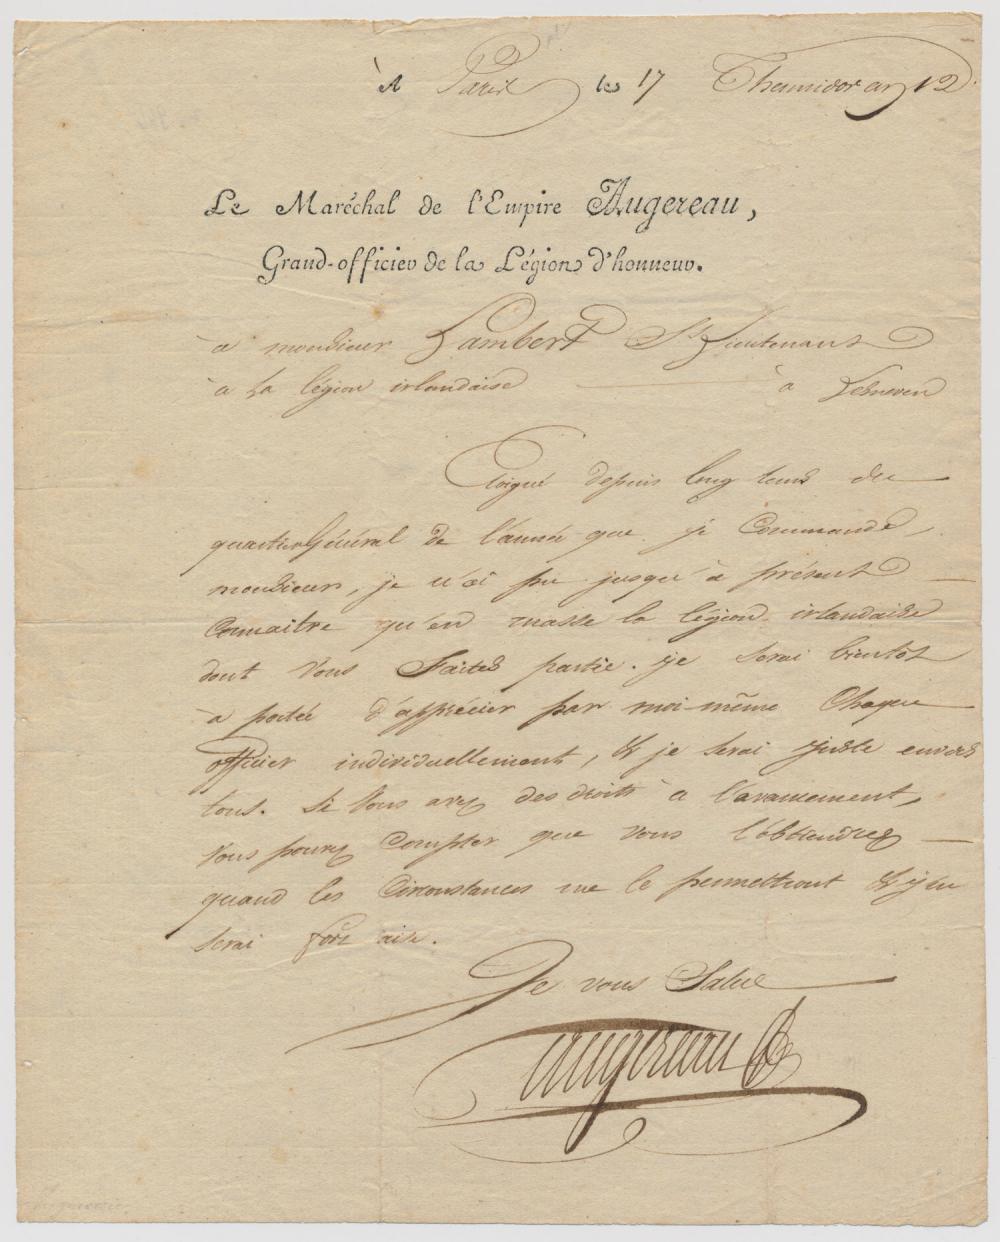 (NAPOLEONIC WARS) PIERRE FRANCOIS AUGEREAU